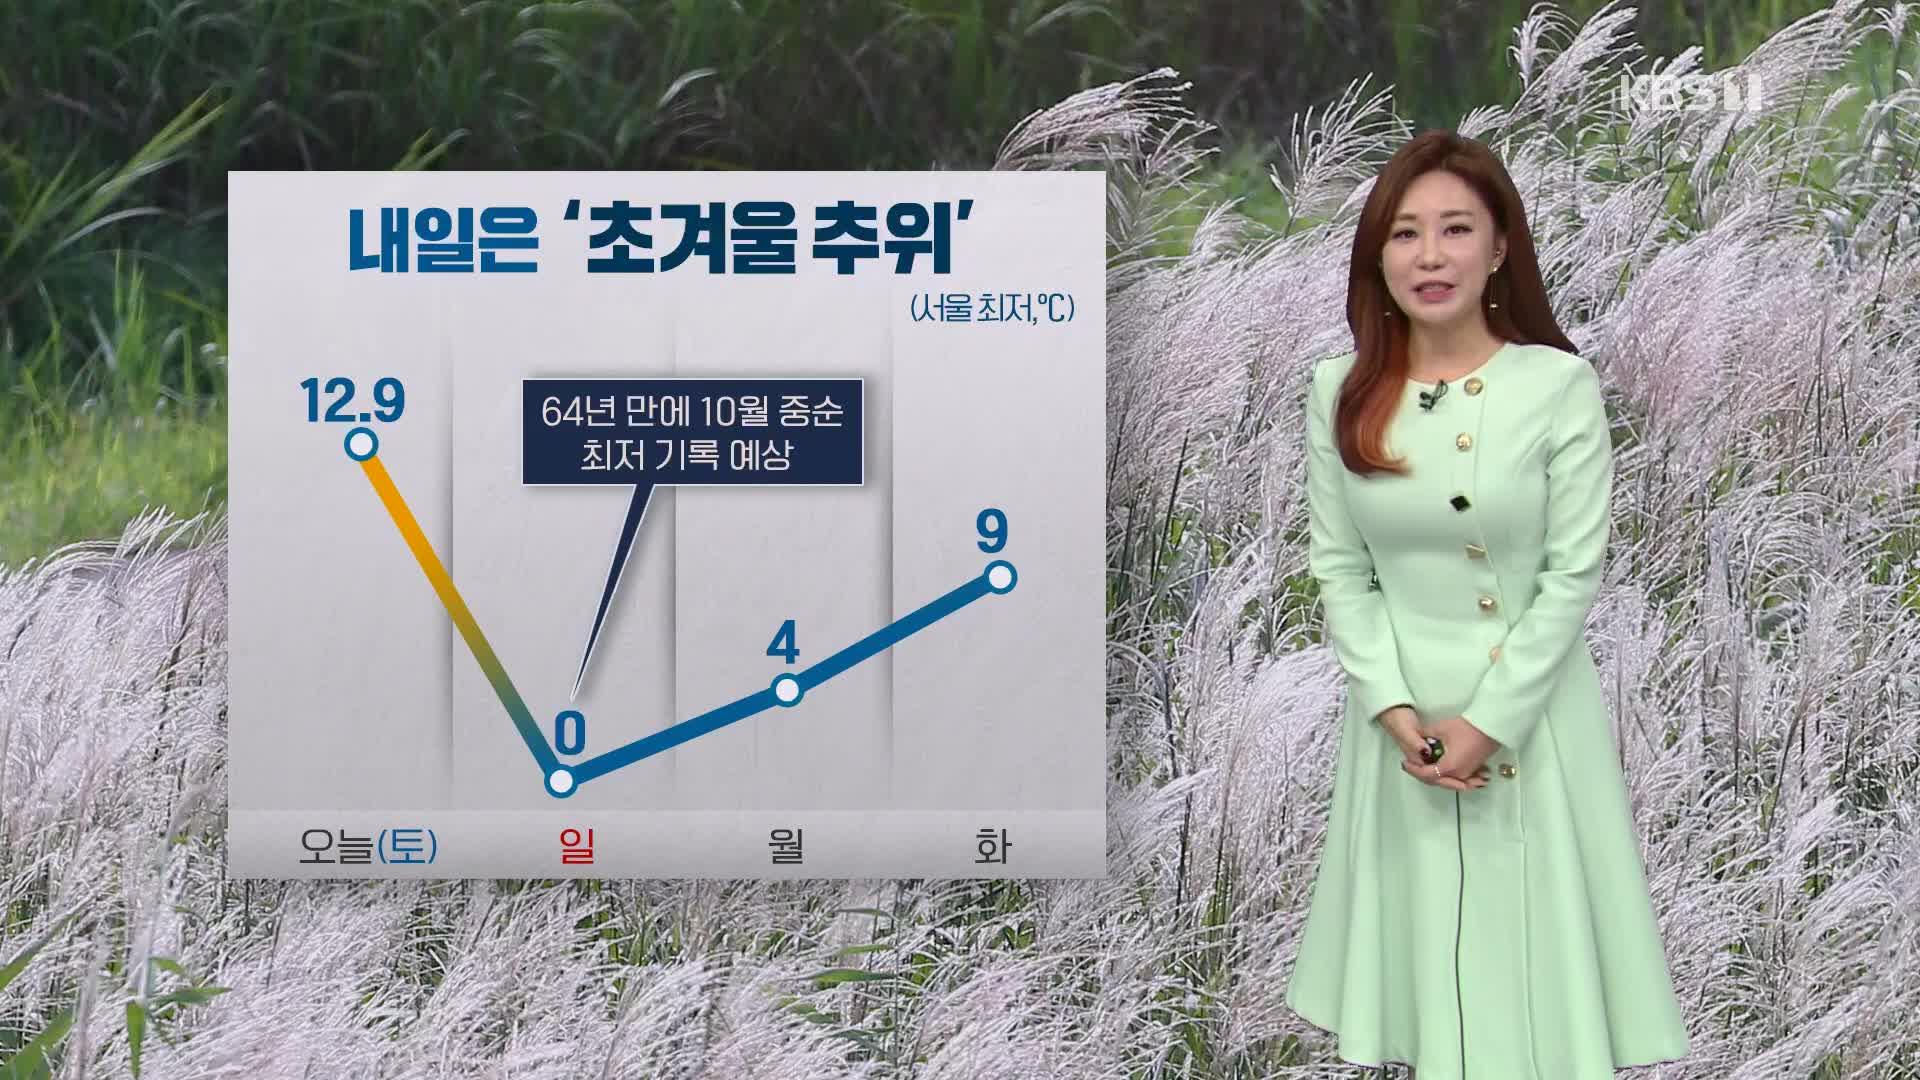 [날씨] 찬 바람 불며 기온 뚝↓…내일 '초겨울 추위'